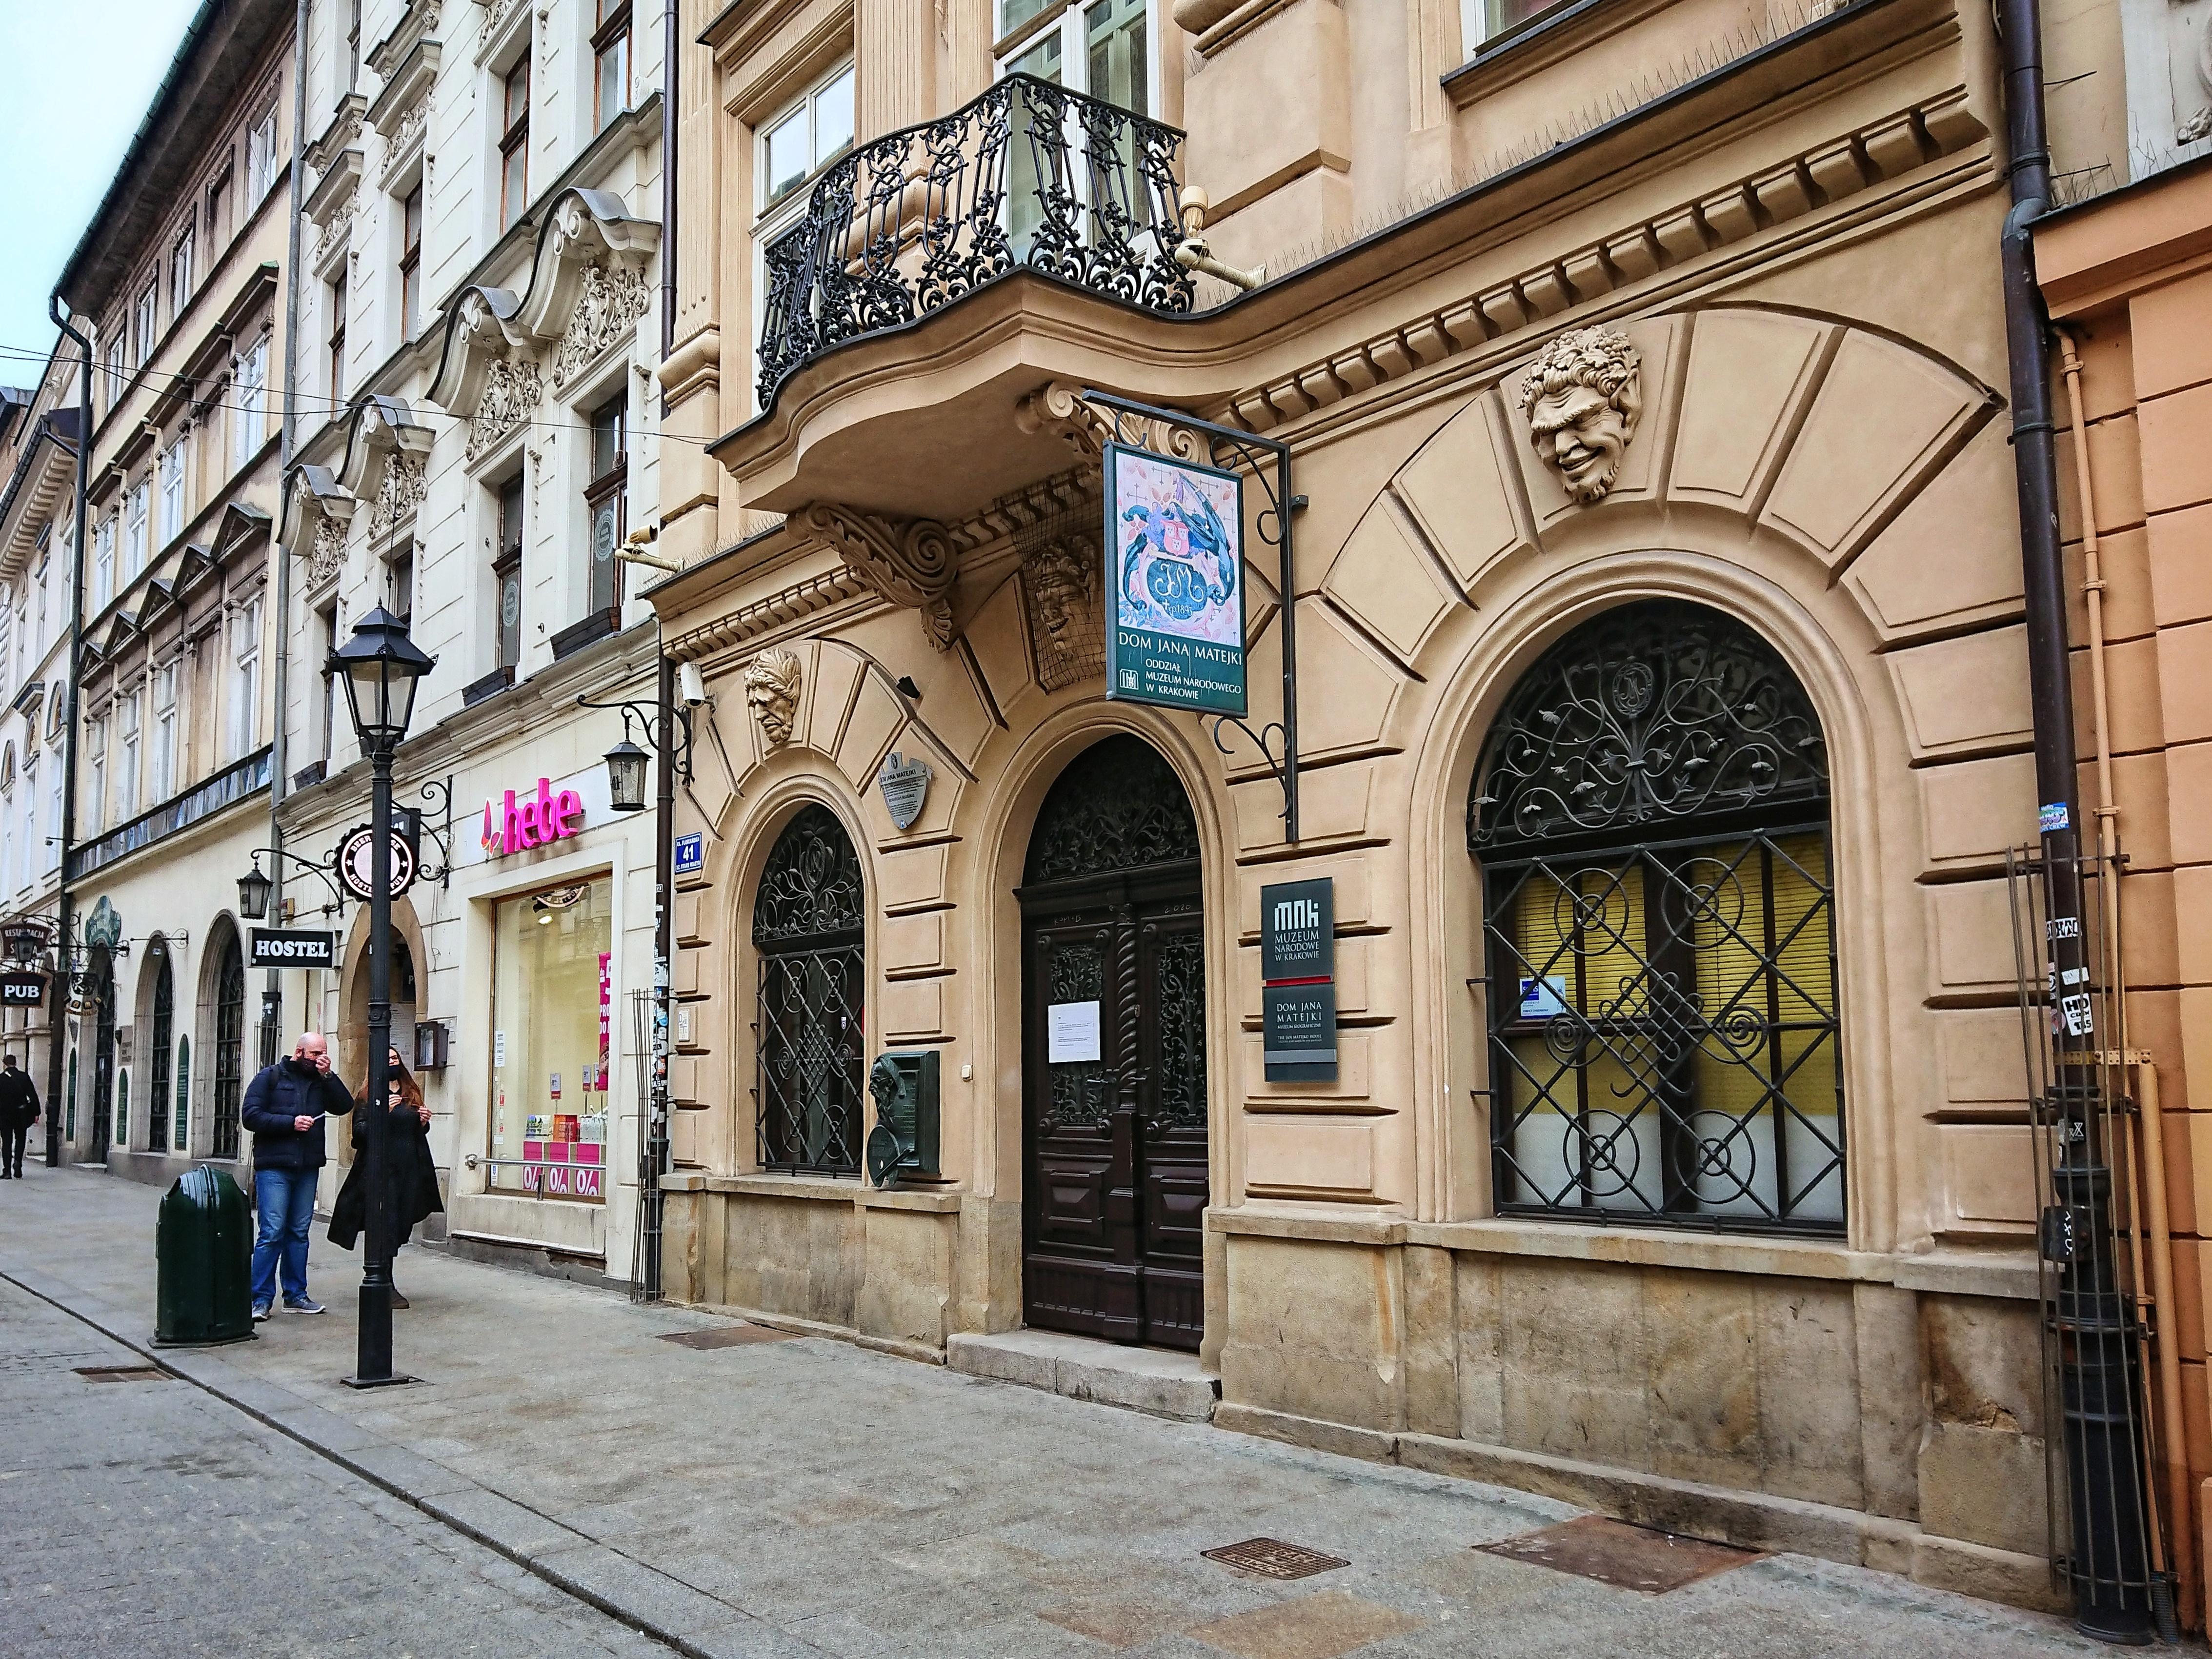 Wejście do Domu Jana Matejki przy ulicy Floriańskiej, źródło: archiwum autorki